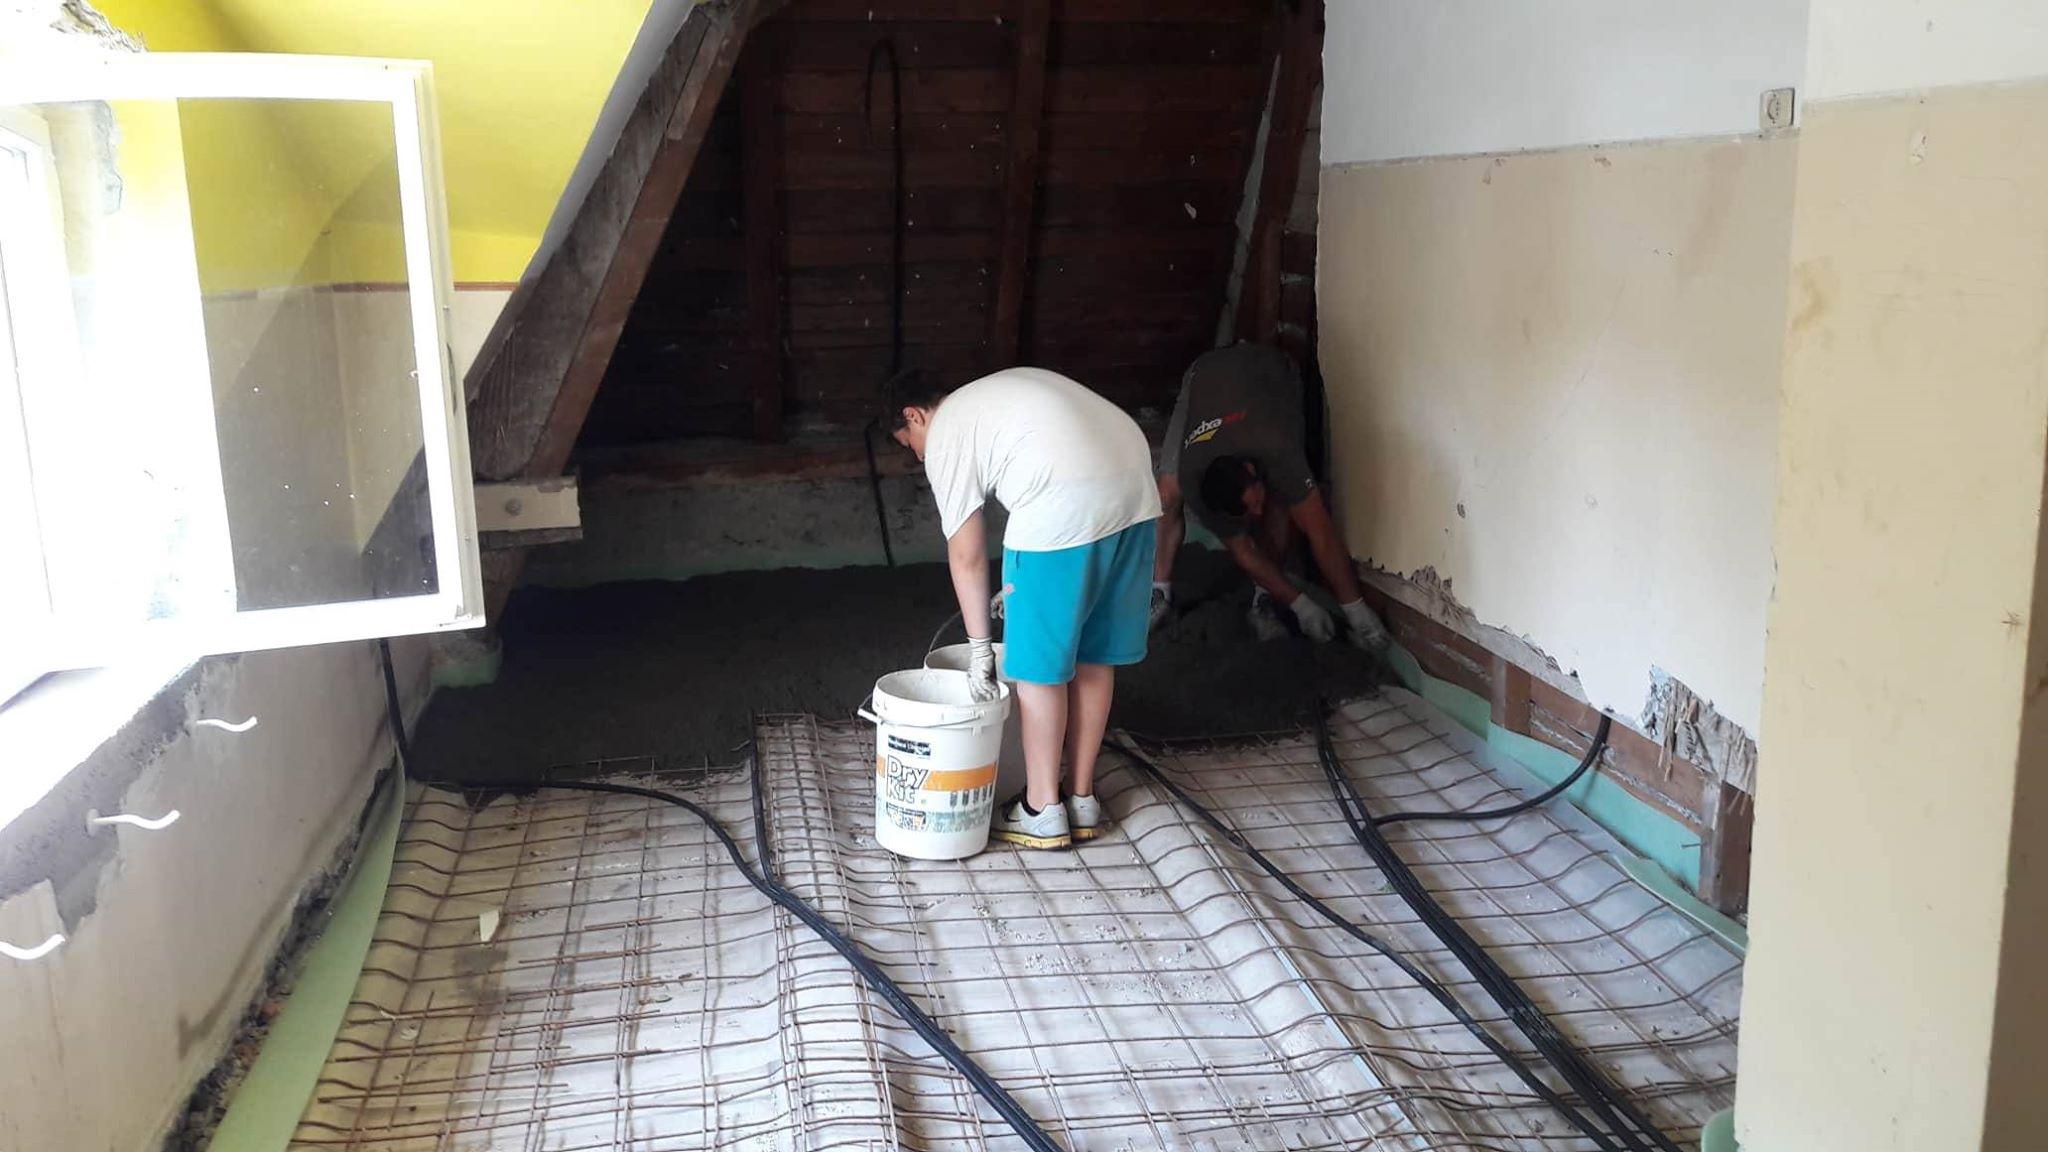 Cemento per i pavimenti del secondo piano » Jugendzentrum Jungle Meran